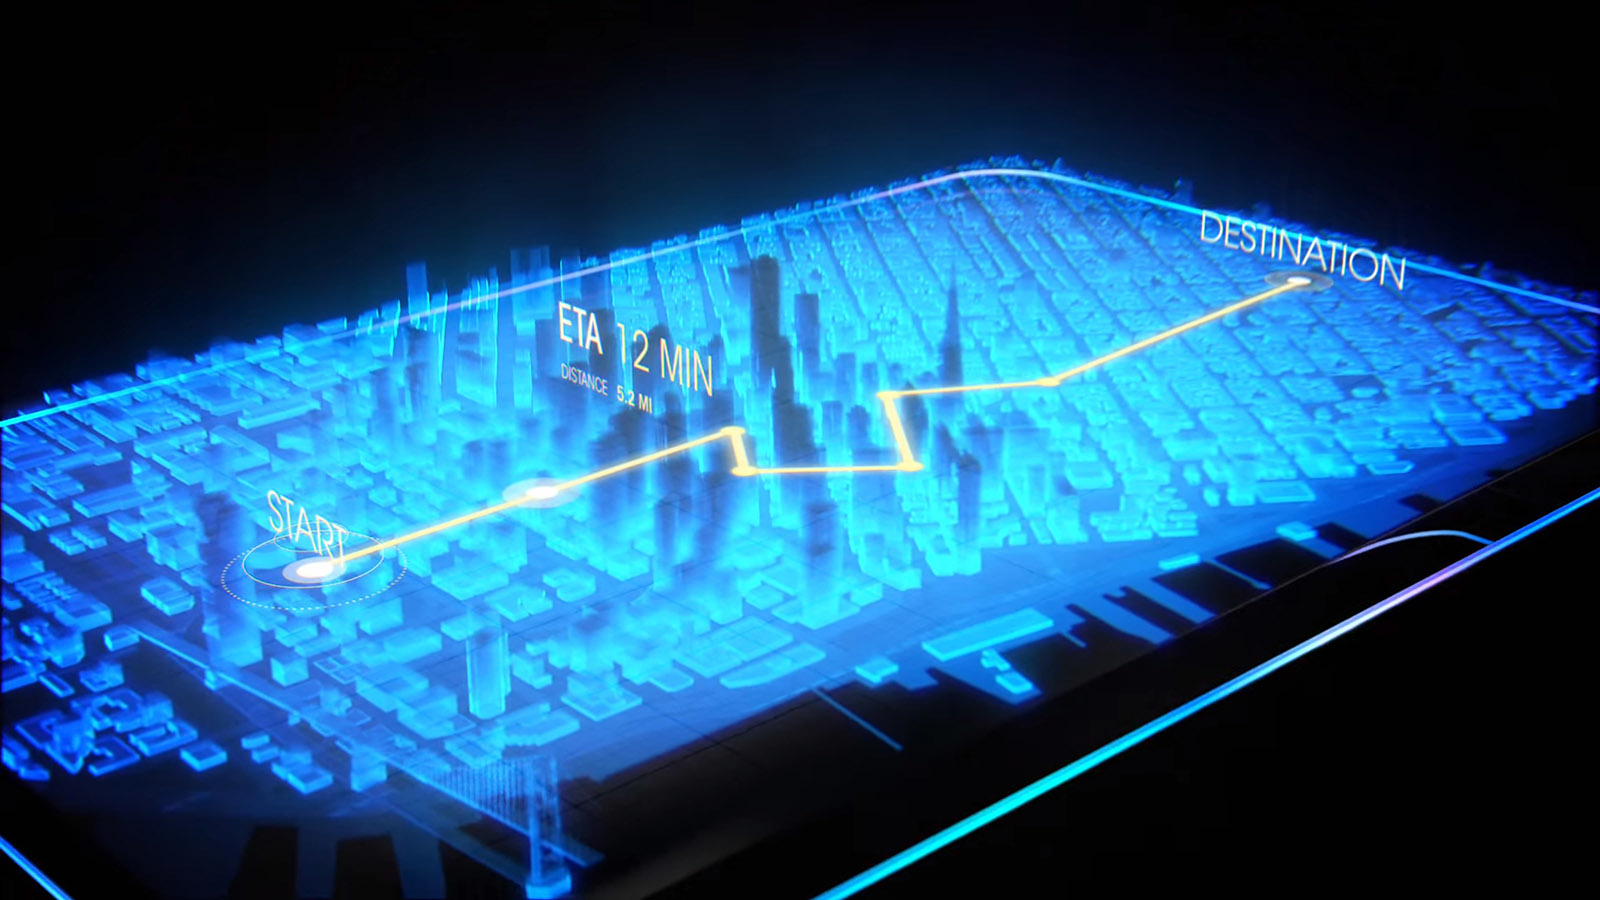 惠普实验室Leia团队与RED合作,为全息智能手机提供技术支持